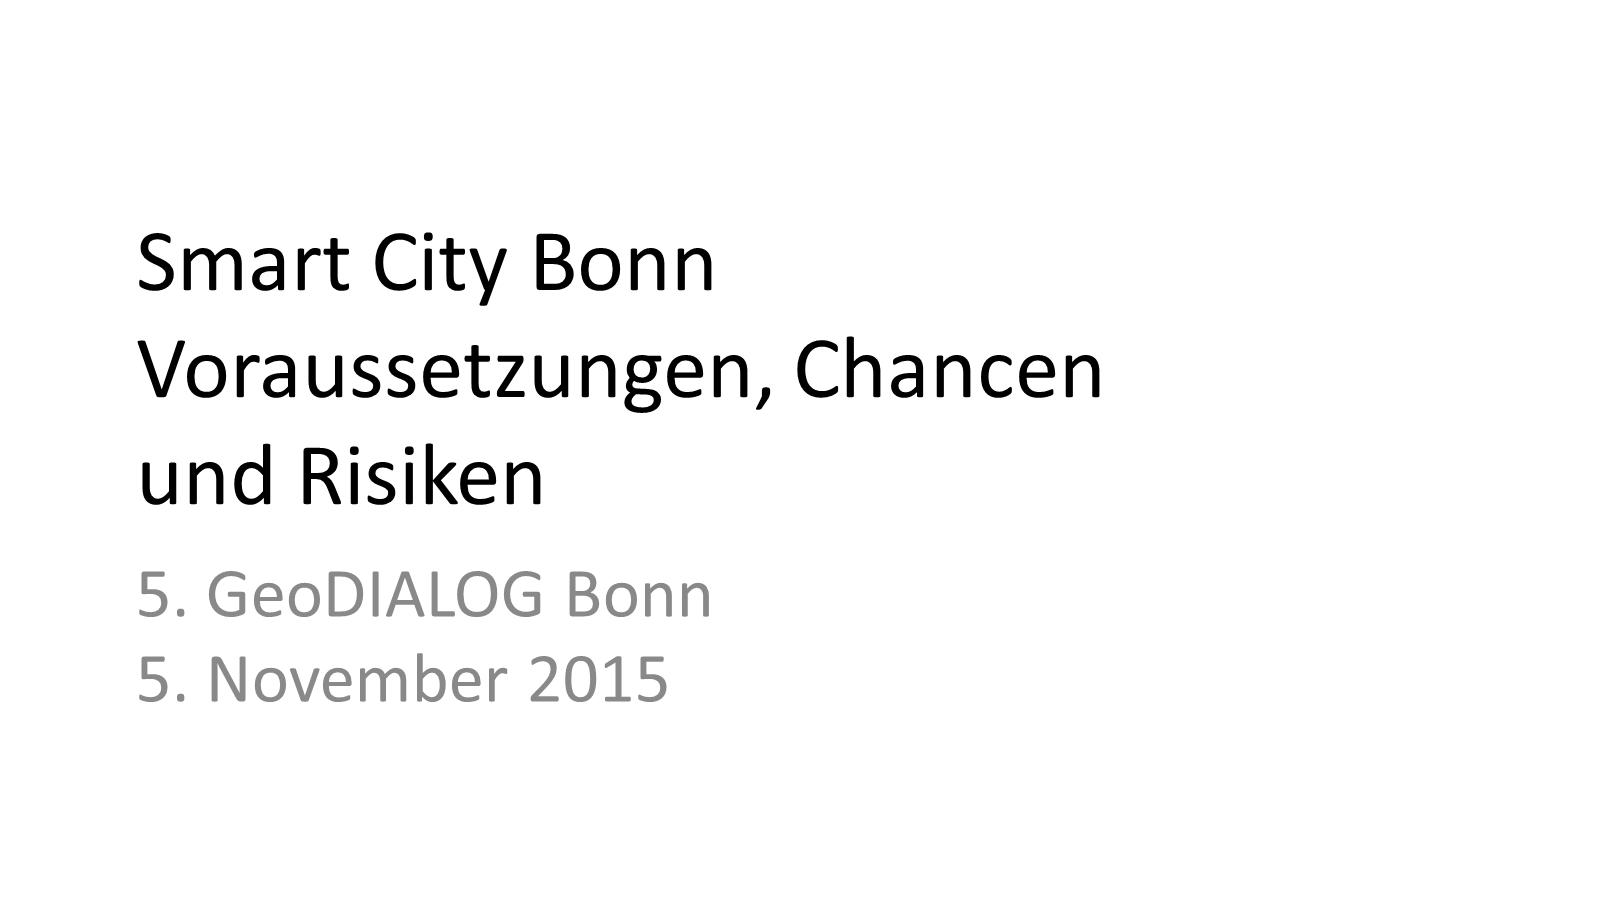 """Titelbild der Folien zum Vortrag """"Smart City Bonn - Voraussetzungen, Chancen und Risiken"""" von Michael Lobeck am 5.11.5 beim 5. GeoDIALOG der GeoInitiative Bonn/Rhein-Sieg/Ahrweiler"""